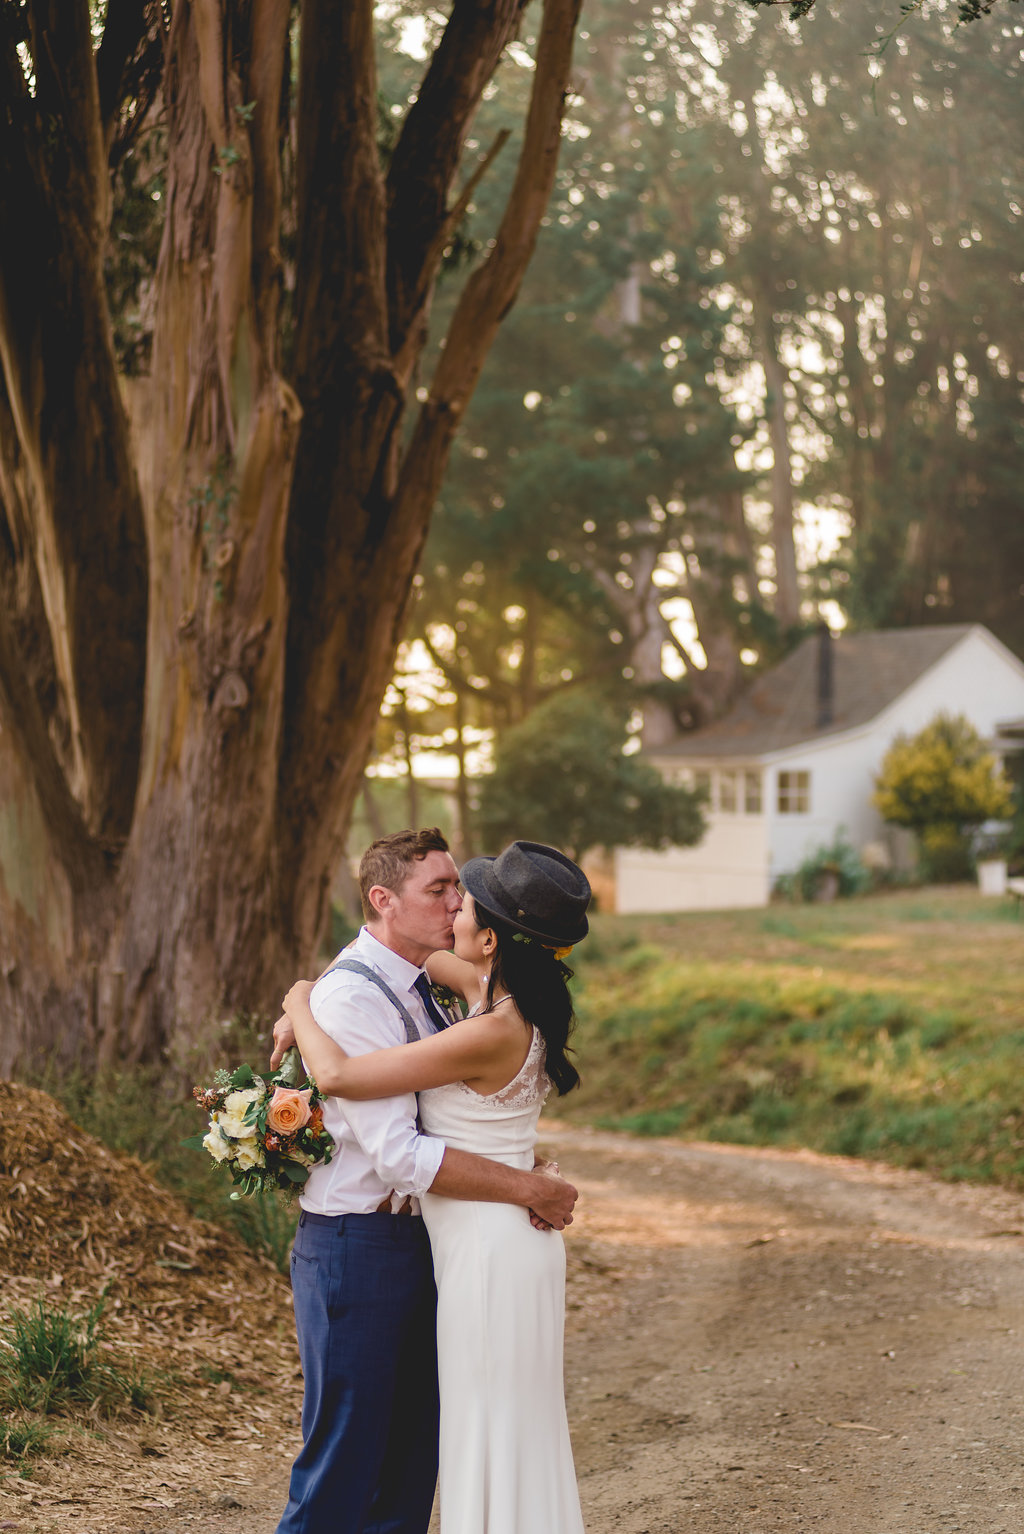 ian_irene-wedding-couple-36.jpg